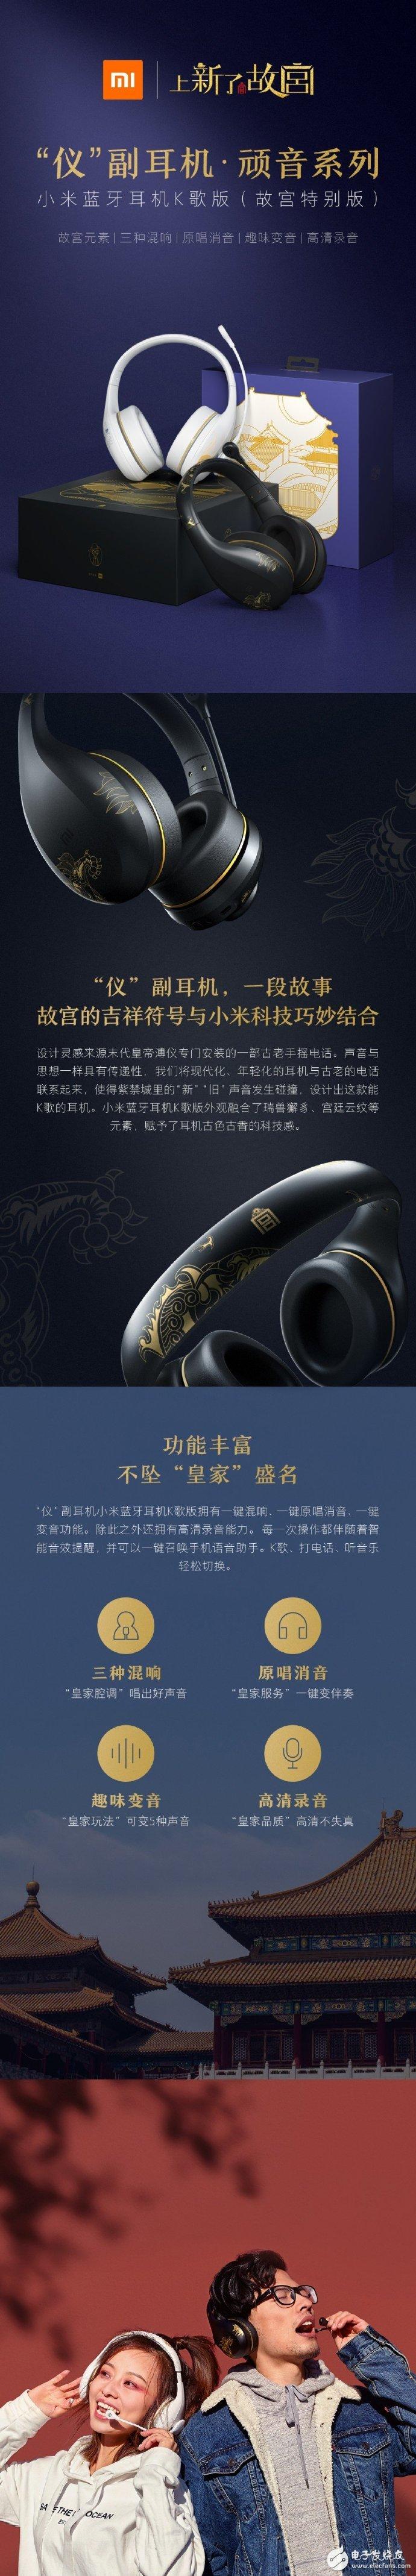 小米蓝牙K歌耳机故宫特别版正式宣布 赋予耳机古色古香的科技感